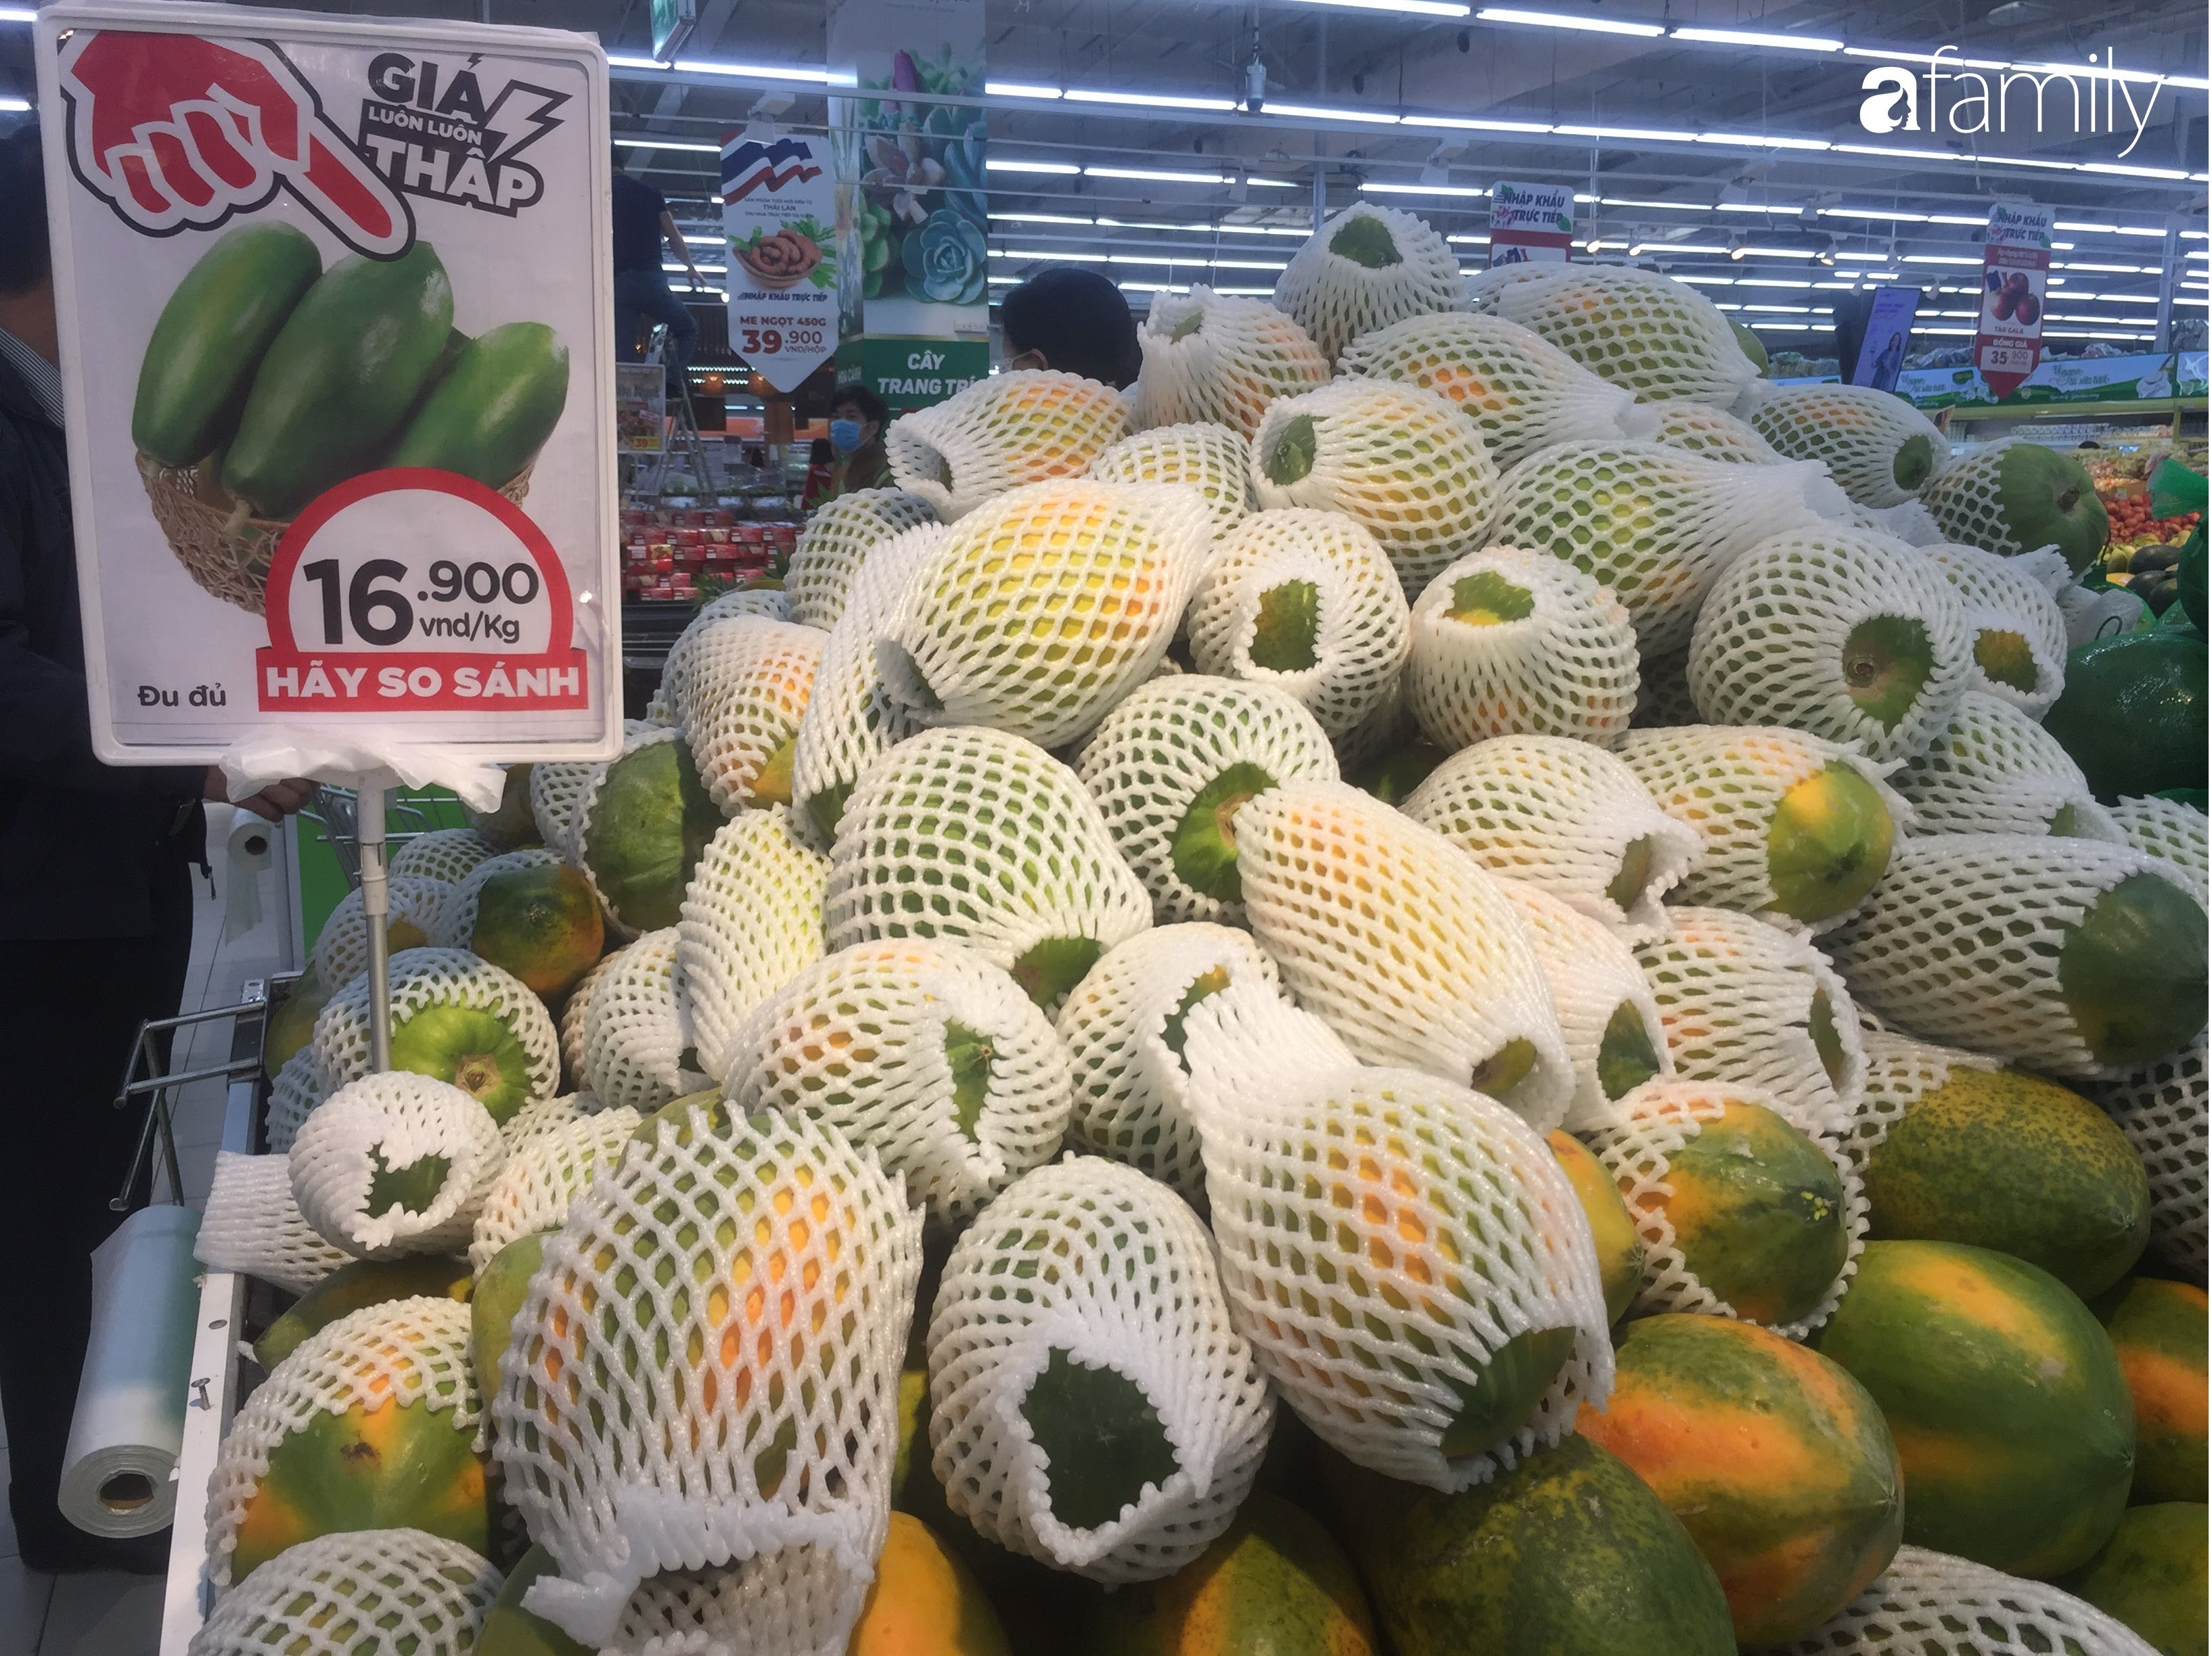 Giá ho quả trong siêu thị rẻ gấp 3 lần so với thời điểm trước Tết, dư hấu còn 6.700 đồng/kg - Ảnh 7.